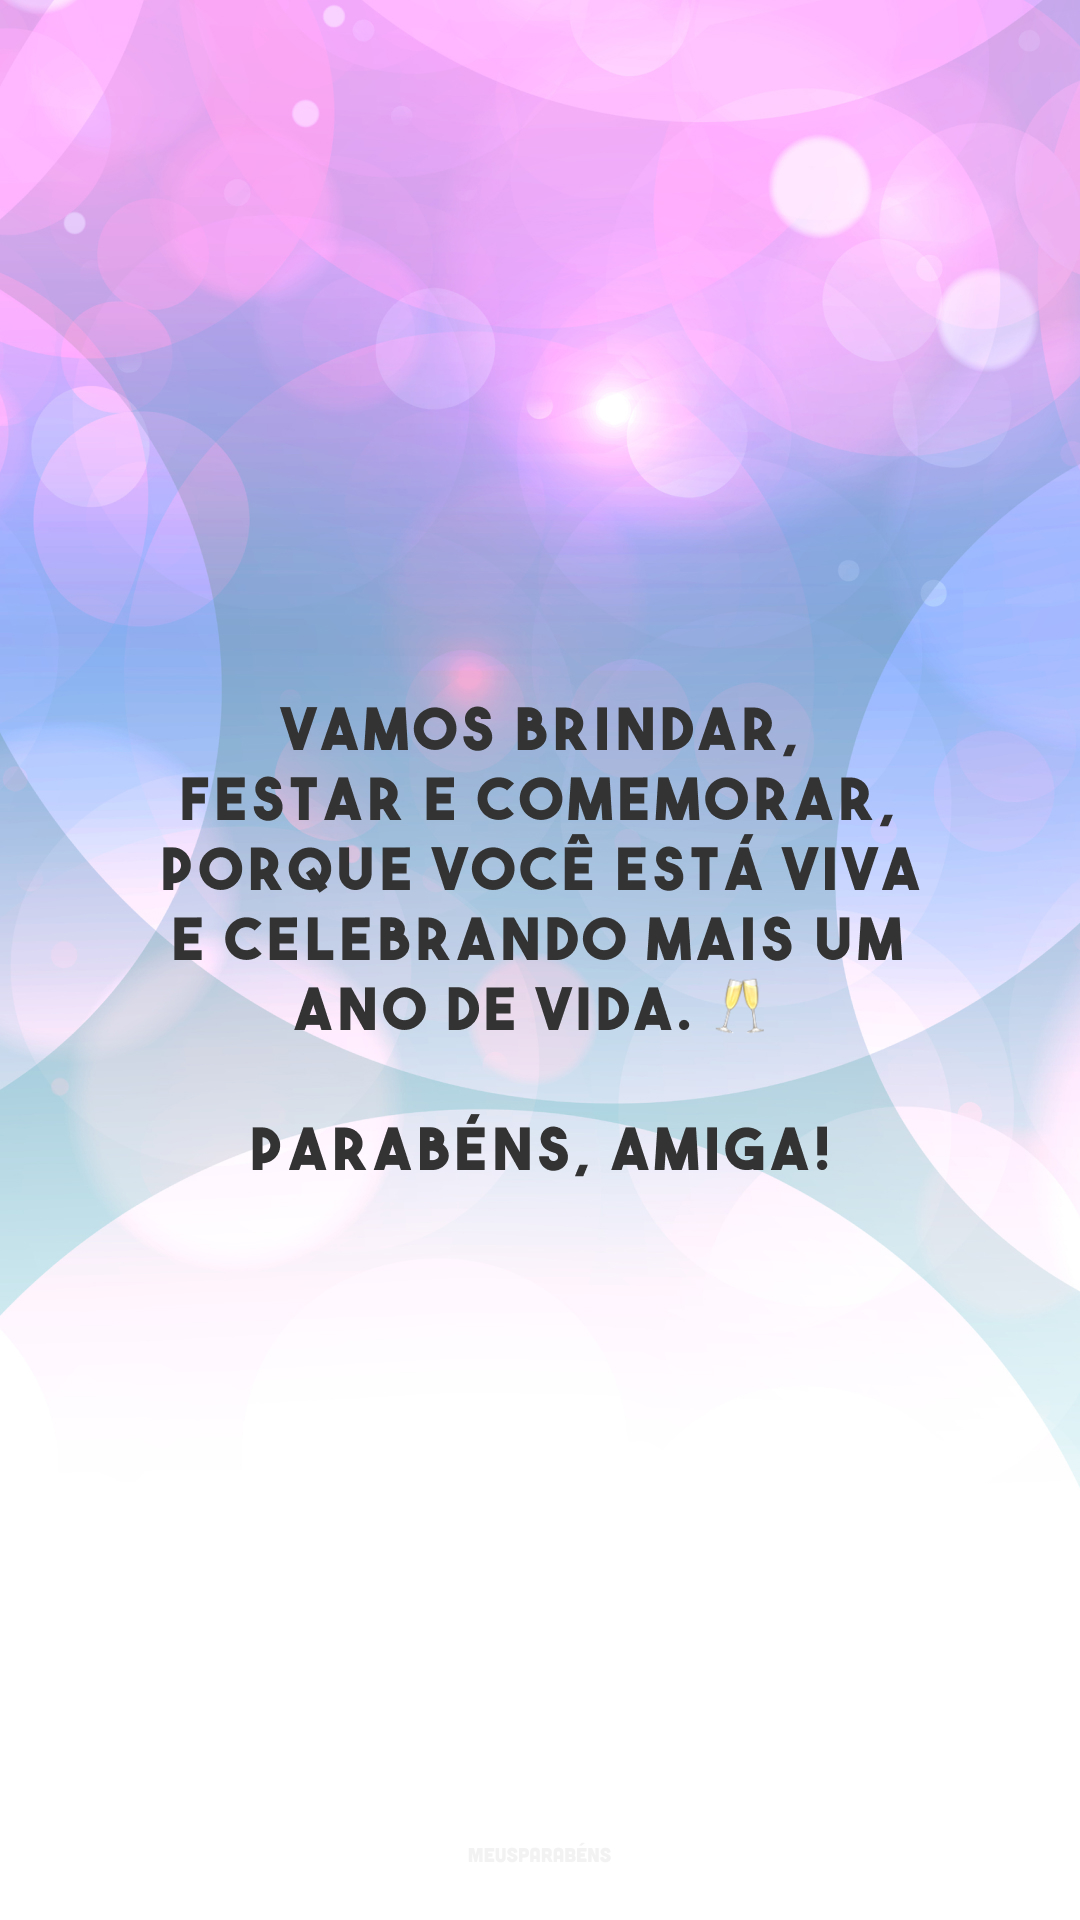 Vamos brindar, festar e comemorar, porque você está viva e celebrando mais um ano de vida. 🥂 Parabéns, amiga!